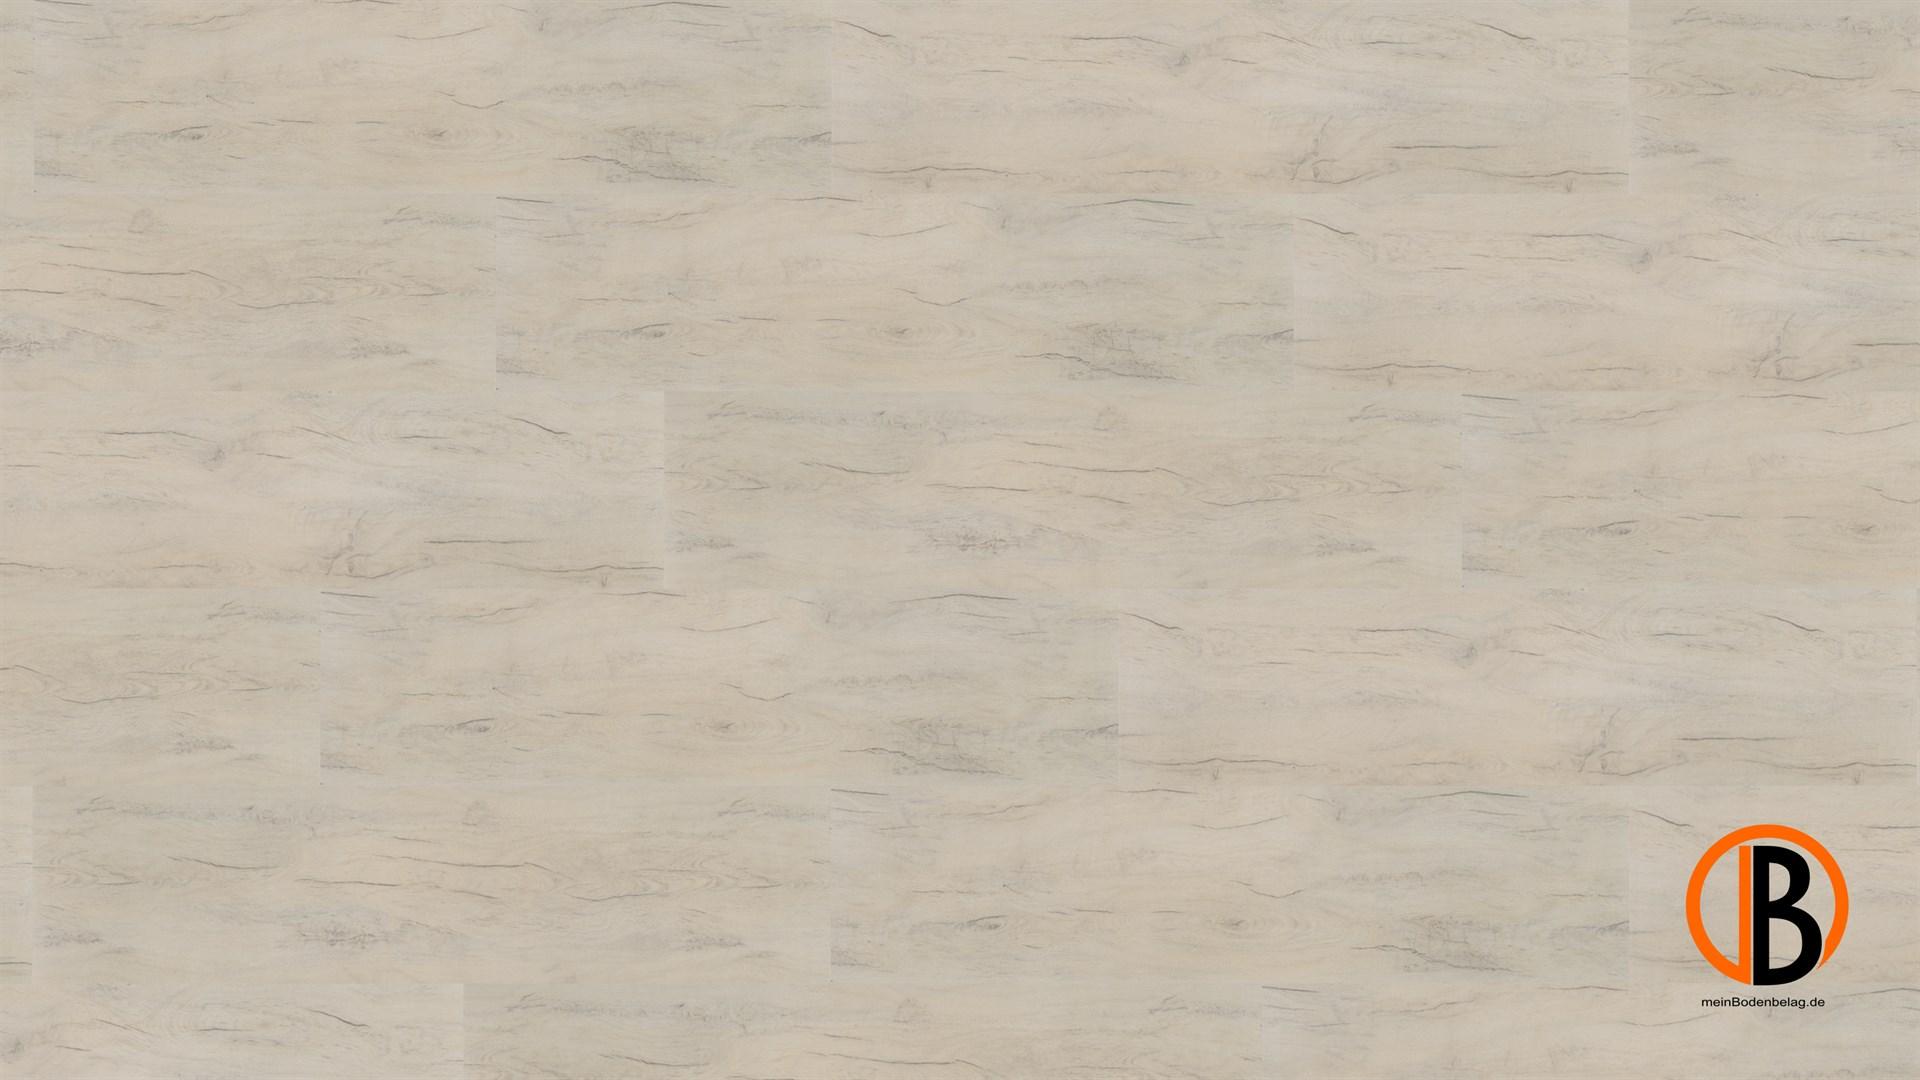 CINQUE KWG DESIGNERVINYL ANTIGUA PROFESSIONAL HYDROTEC | 10000367;0 | Bild 1